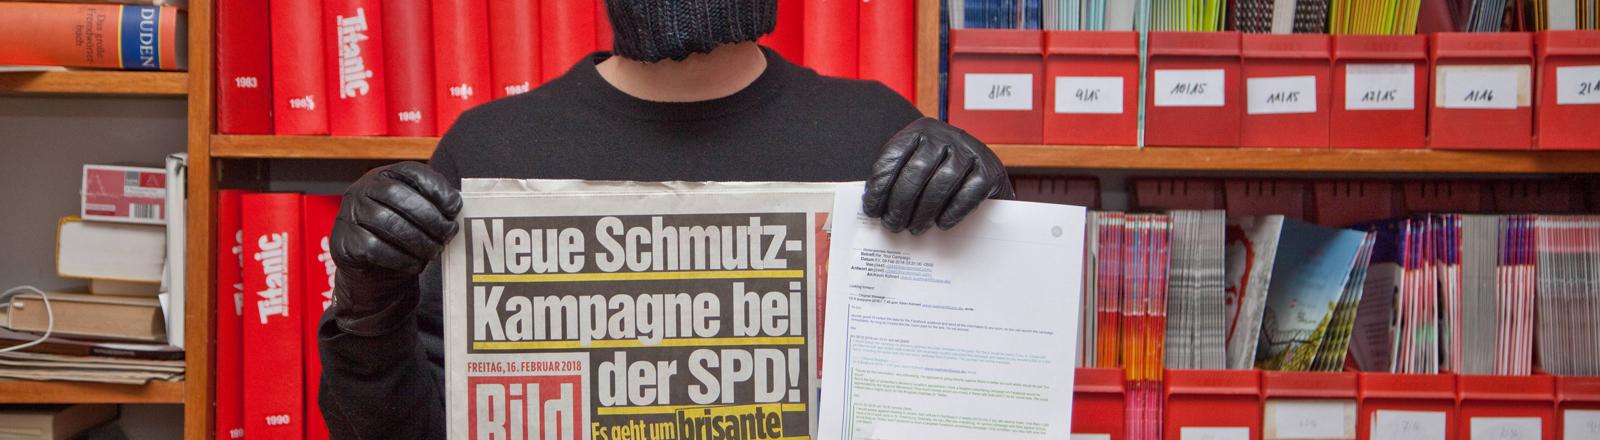 """Mitarbeiter des Satiremagazins Titanic, der die Bildzeitung vom Freitag den 16.2.2018 in den Händen hält. Der Redakteur trägt eine Sturmmaske und schwarze Handschuhe. Auf der Titelseite: """"Neue Schmutzkampagne bei der SPD"""""""